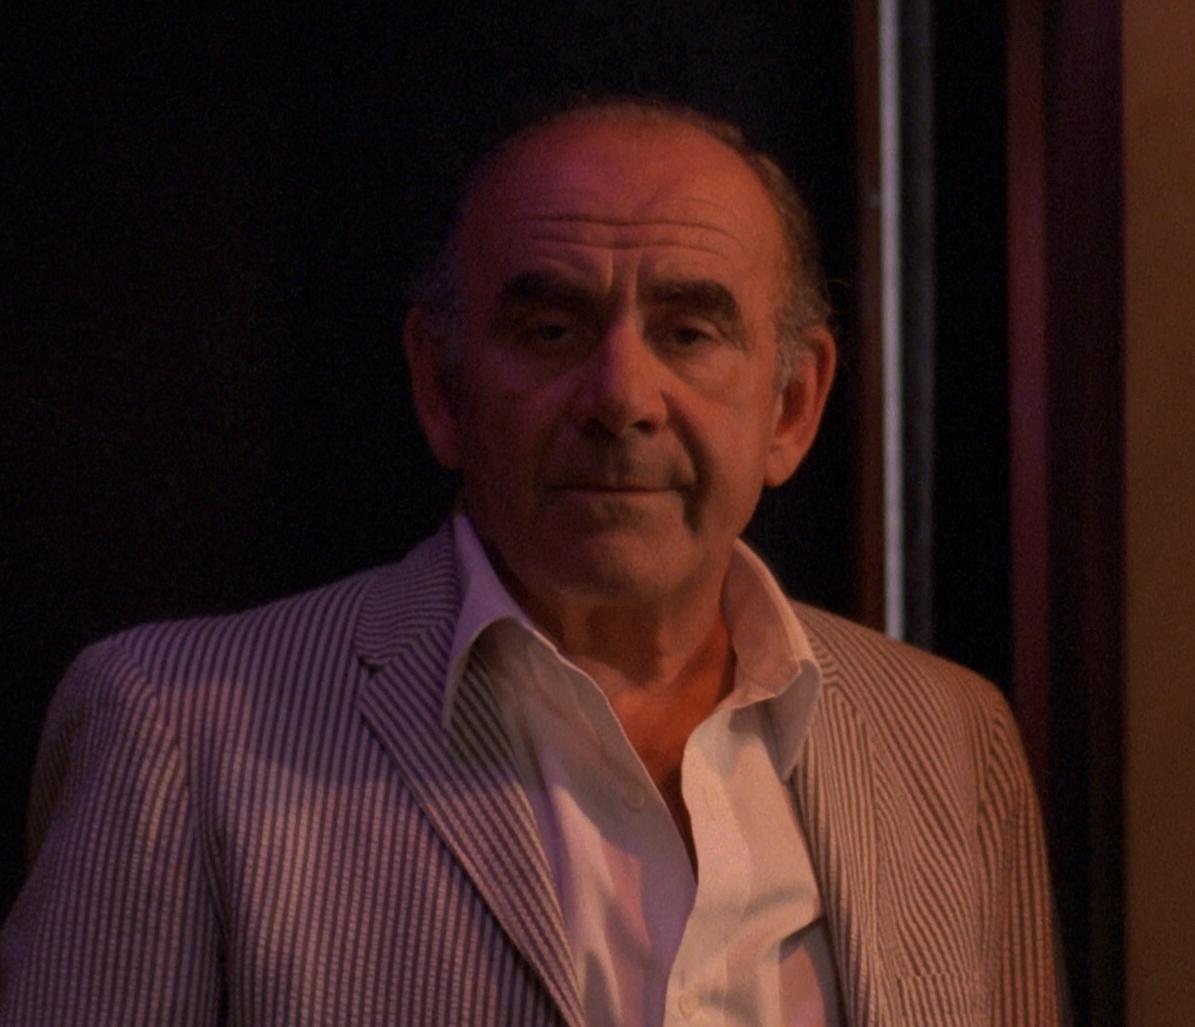 Vittorio Caprioli in Cenerentola '80 (1984)